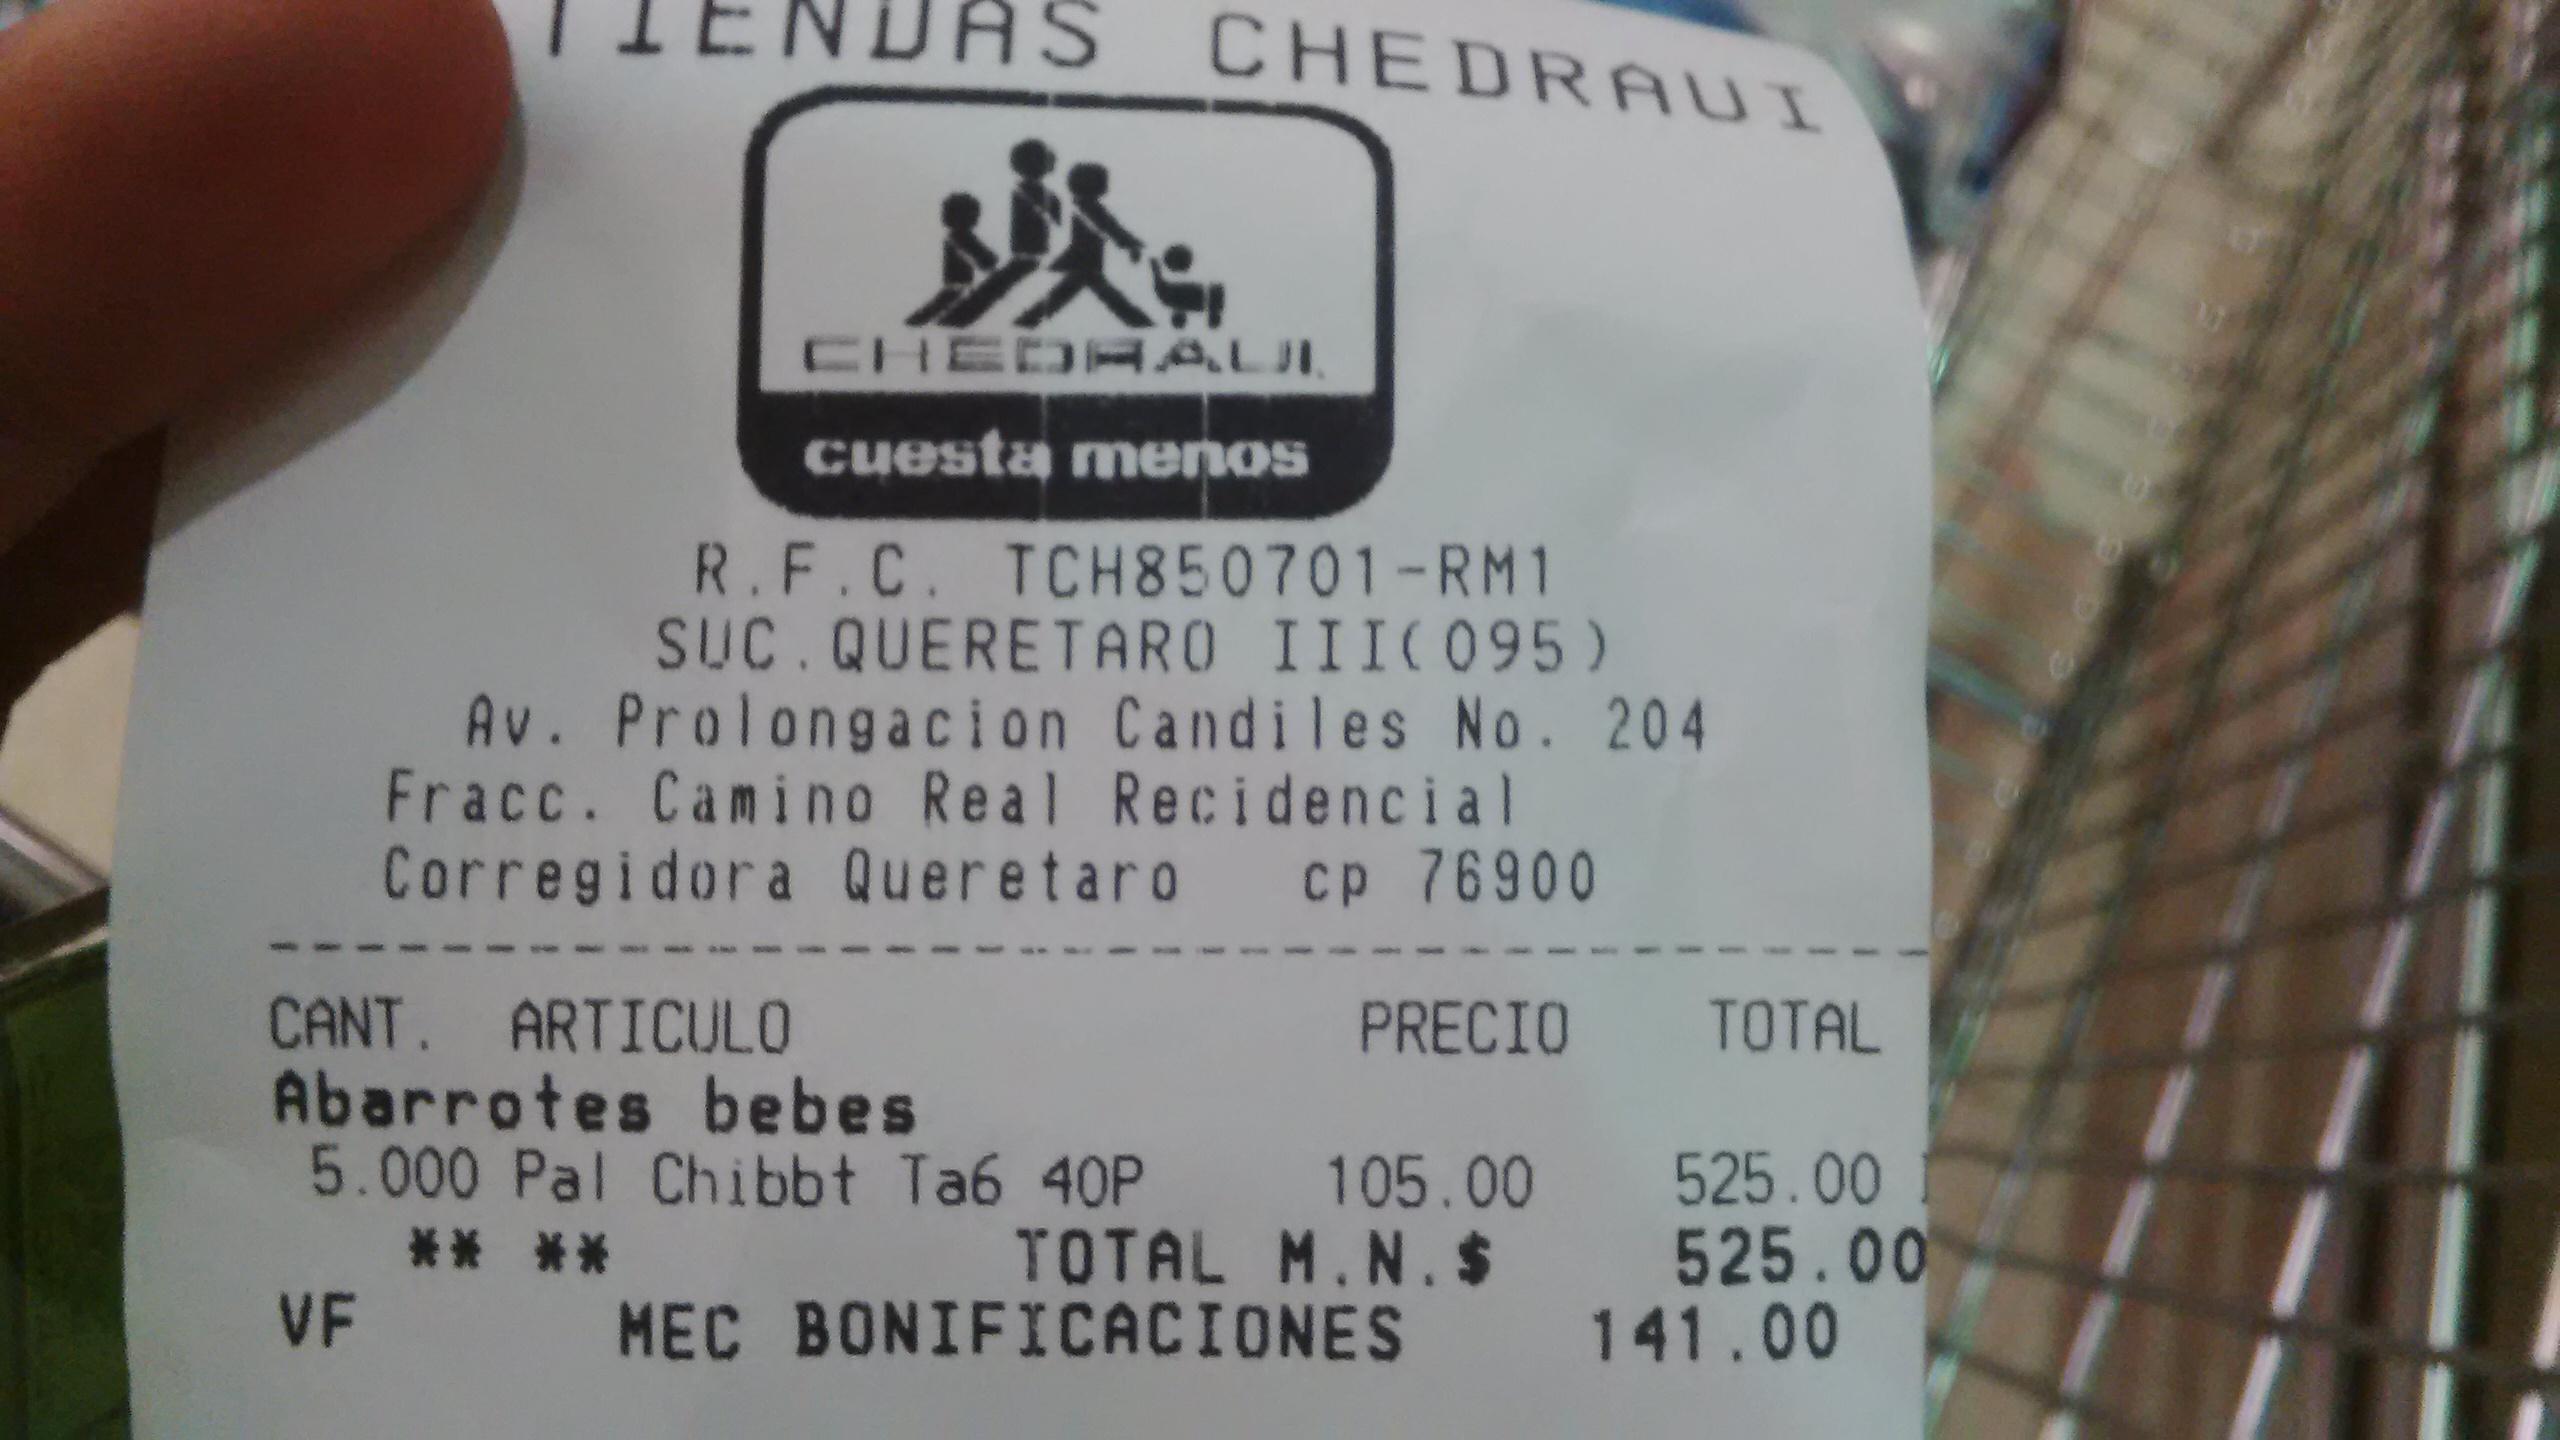 Chedraui: Pañales bbtips etapa 6 $105.00 precio normal arriba de $165.00